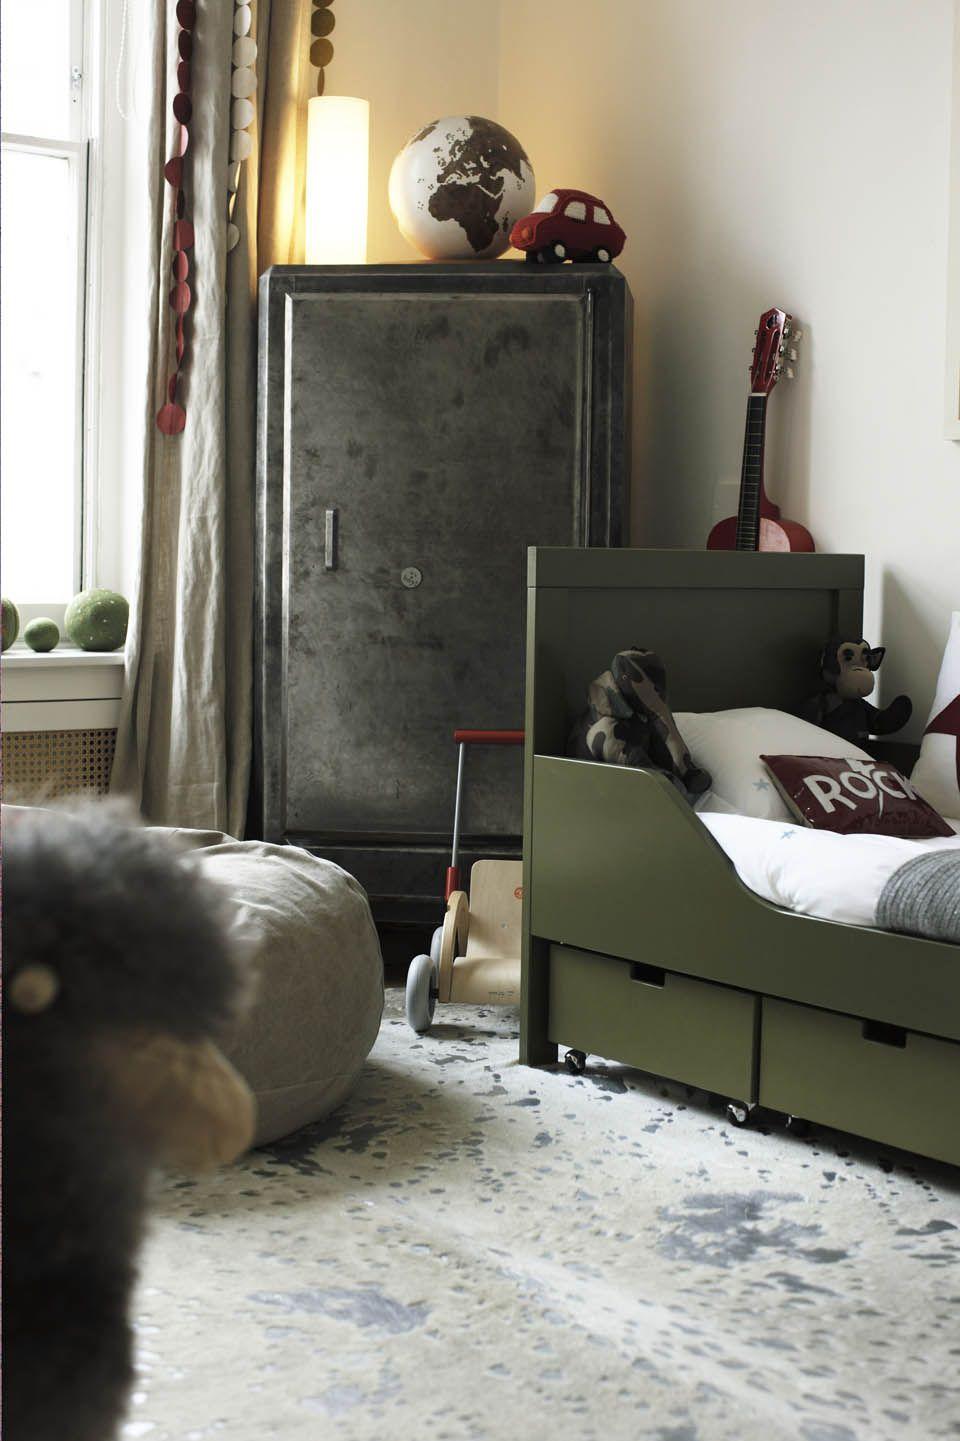 chambre enfant kaki lit vert armoire gris métallique style industriel - blog déco - clem around the corner